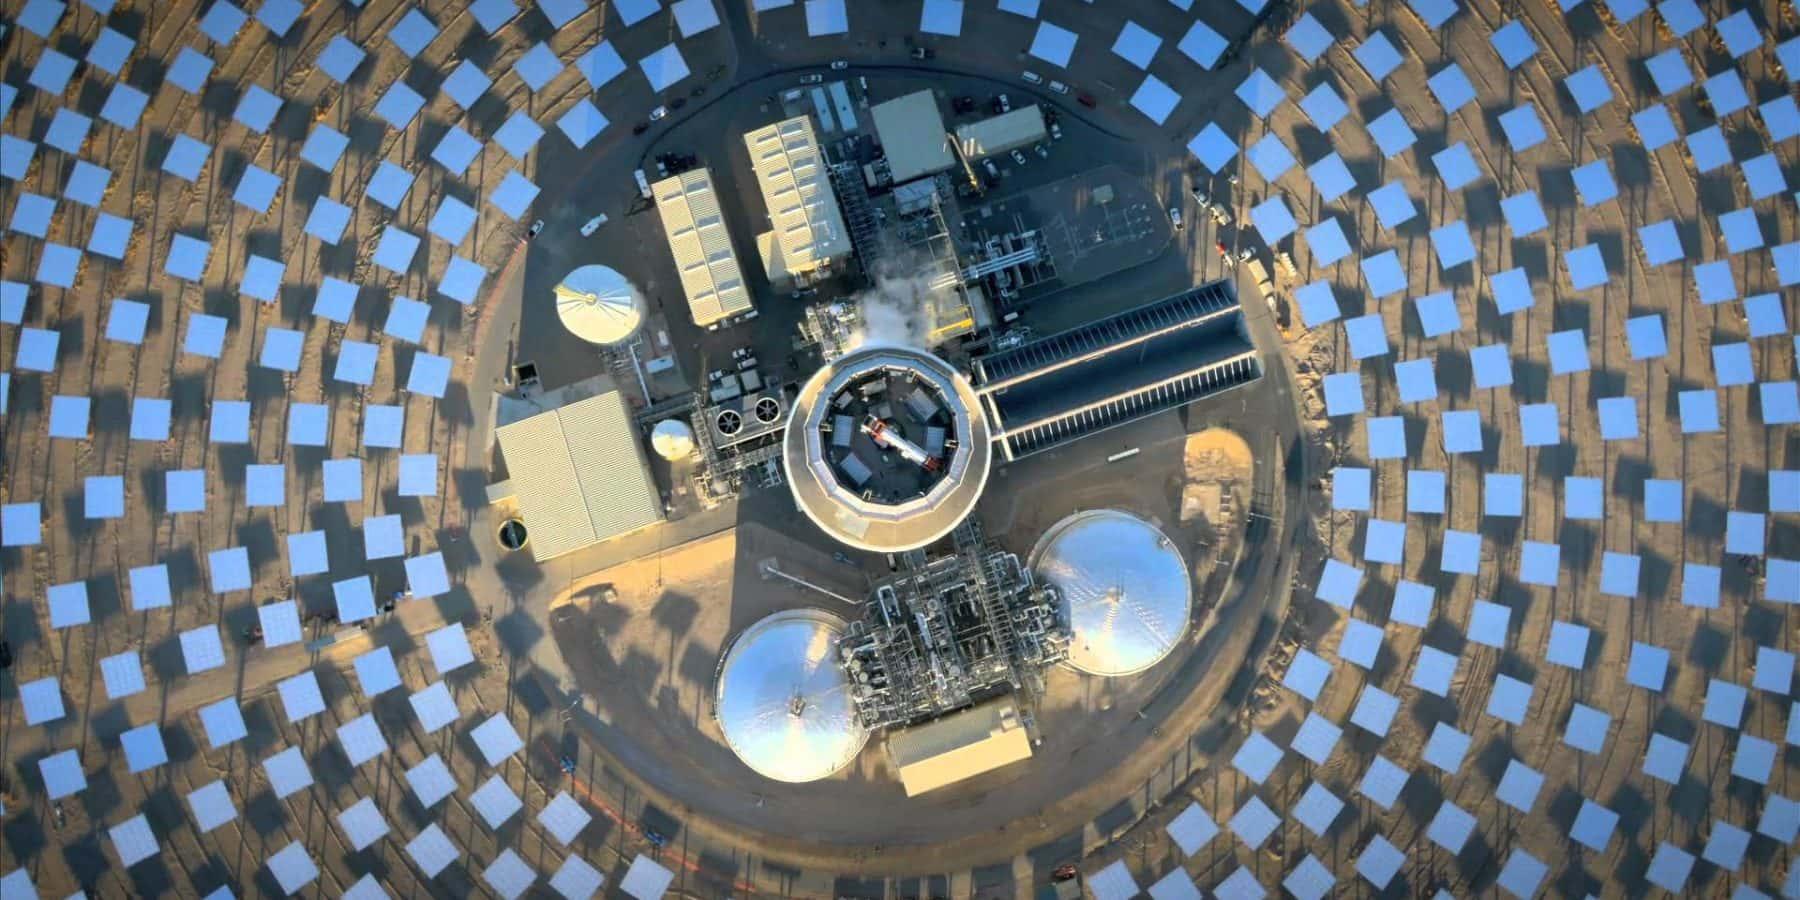 溶融塩で蓄電し日没後も電力供給できる、世界最大の太陽熱発電所